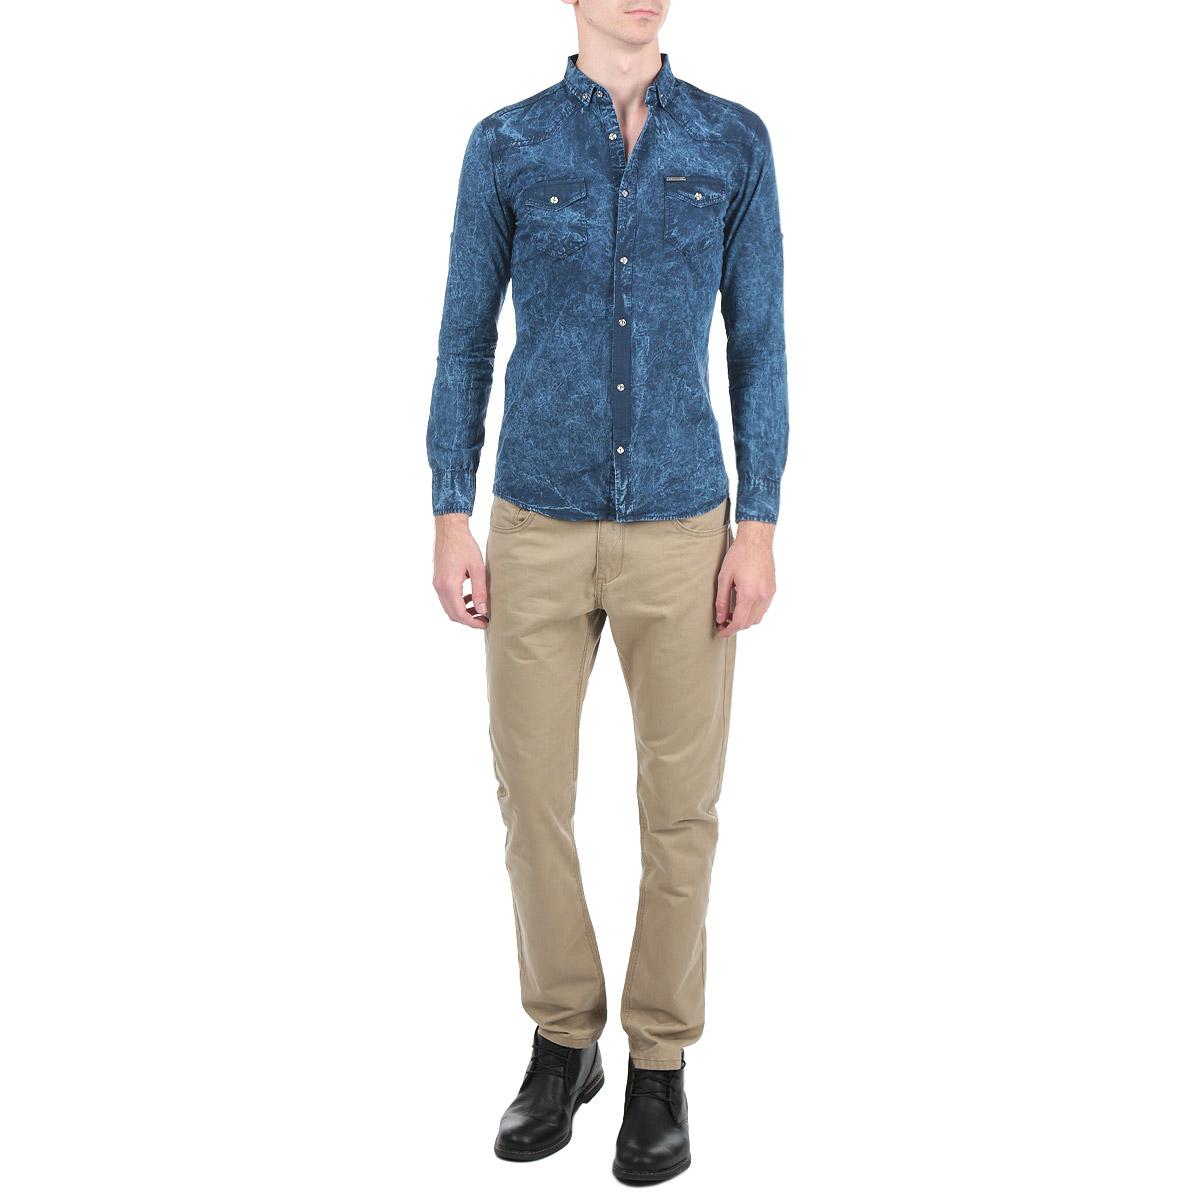 Рубашка мужская Rodney, цвет: деним. 1022_24. Размер L (50)